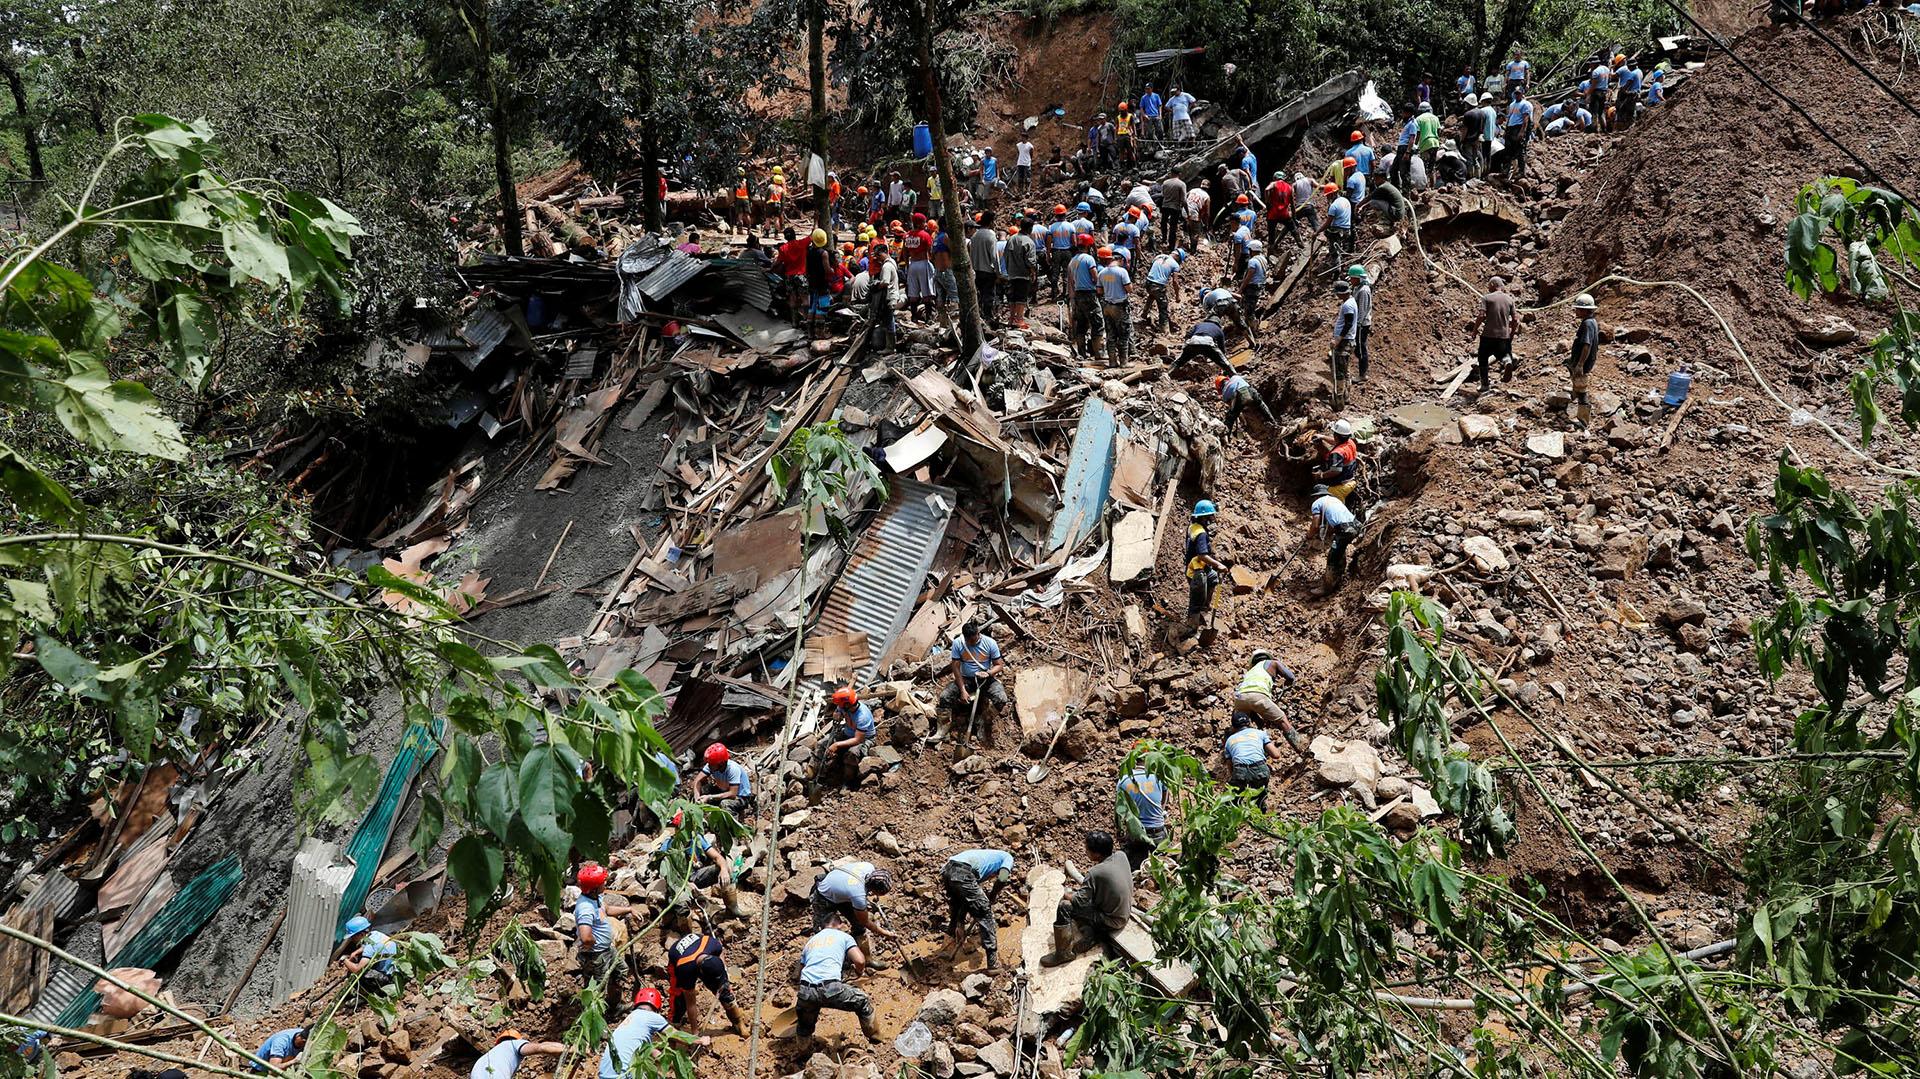 En septiembre, el tifón Mangkhut golpeó a China y Filipinas con vientos de hasta 330 kilómetros por hora. Dejó 133 muertos y destruyó unas 10 mil viviendas